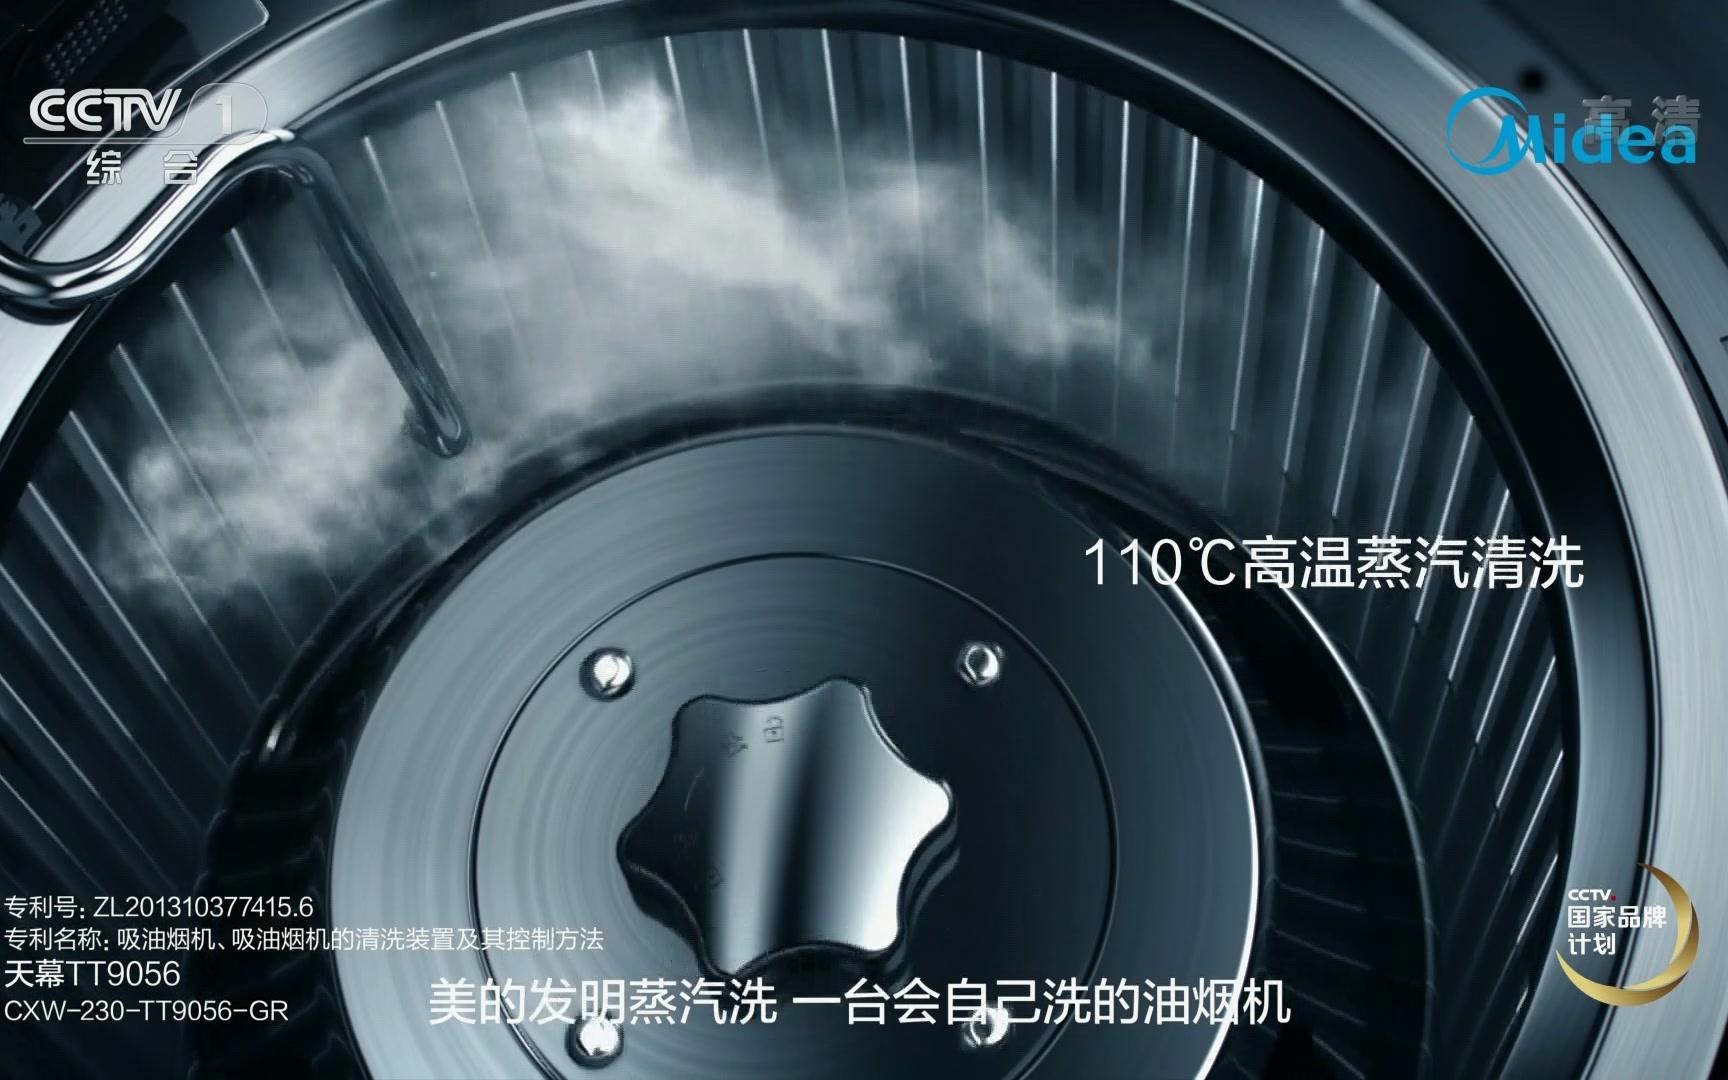 央视广告欣赏-美的蒸汽洗油烟机